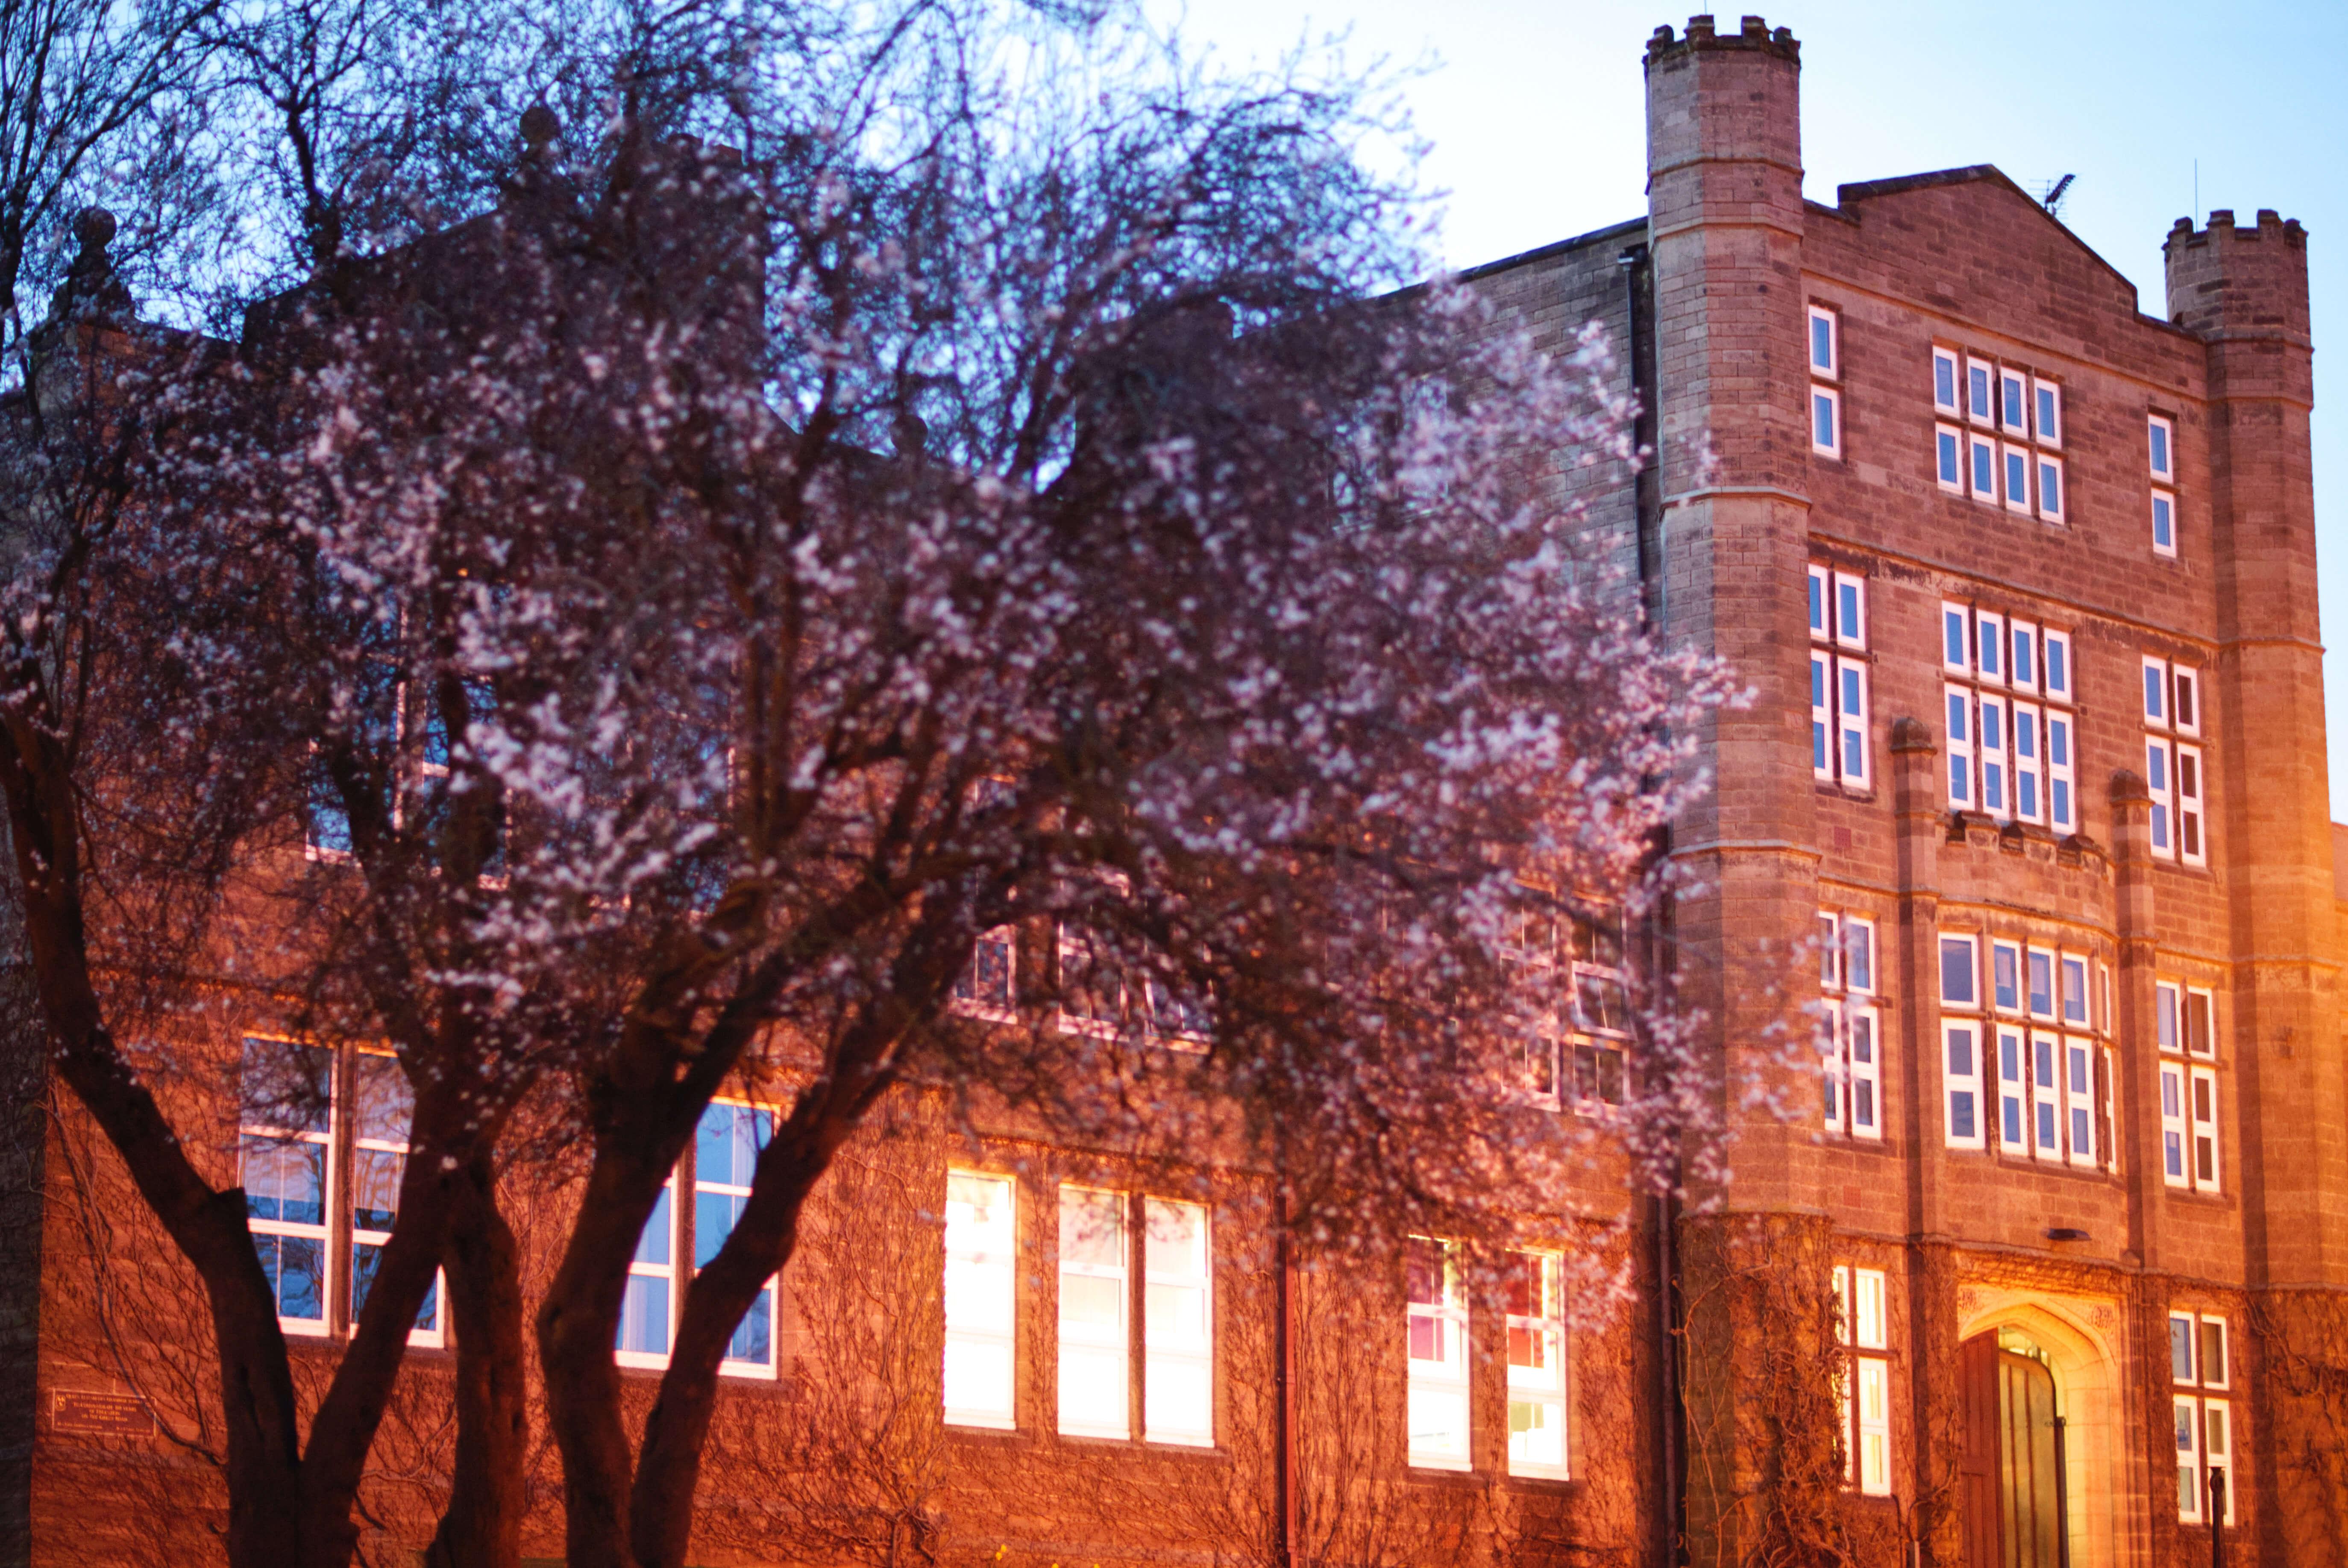 QEGS (Queen Elizabeth Grammar School)